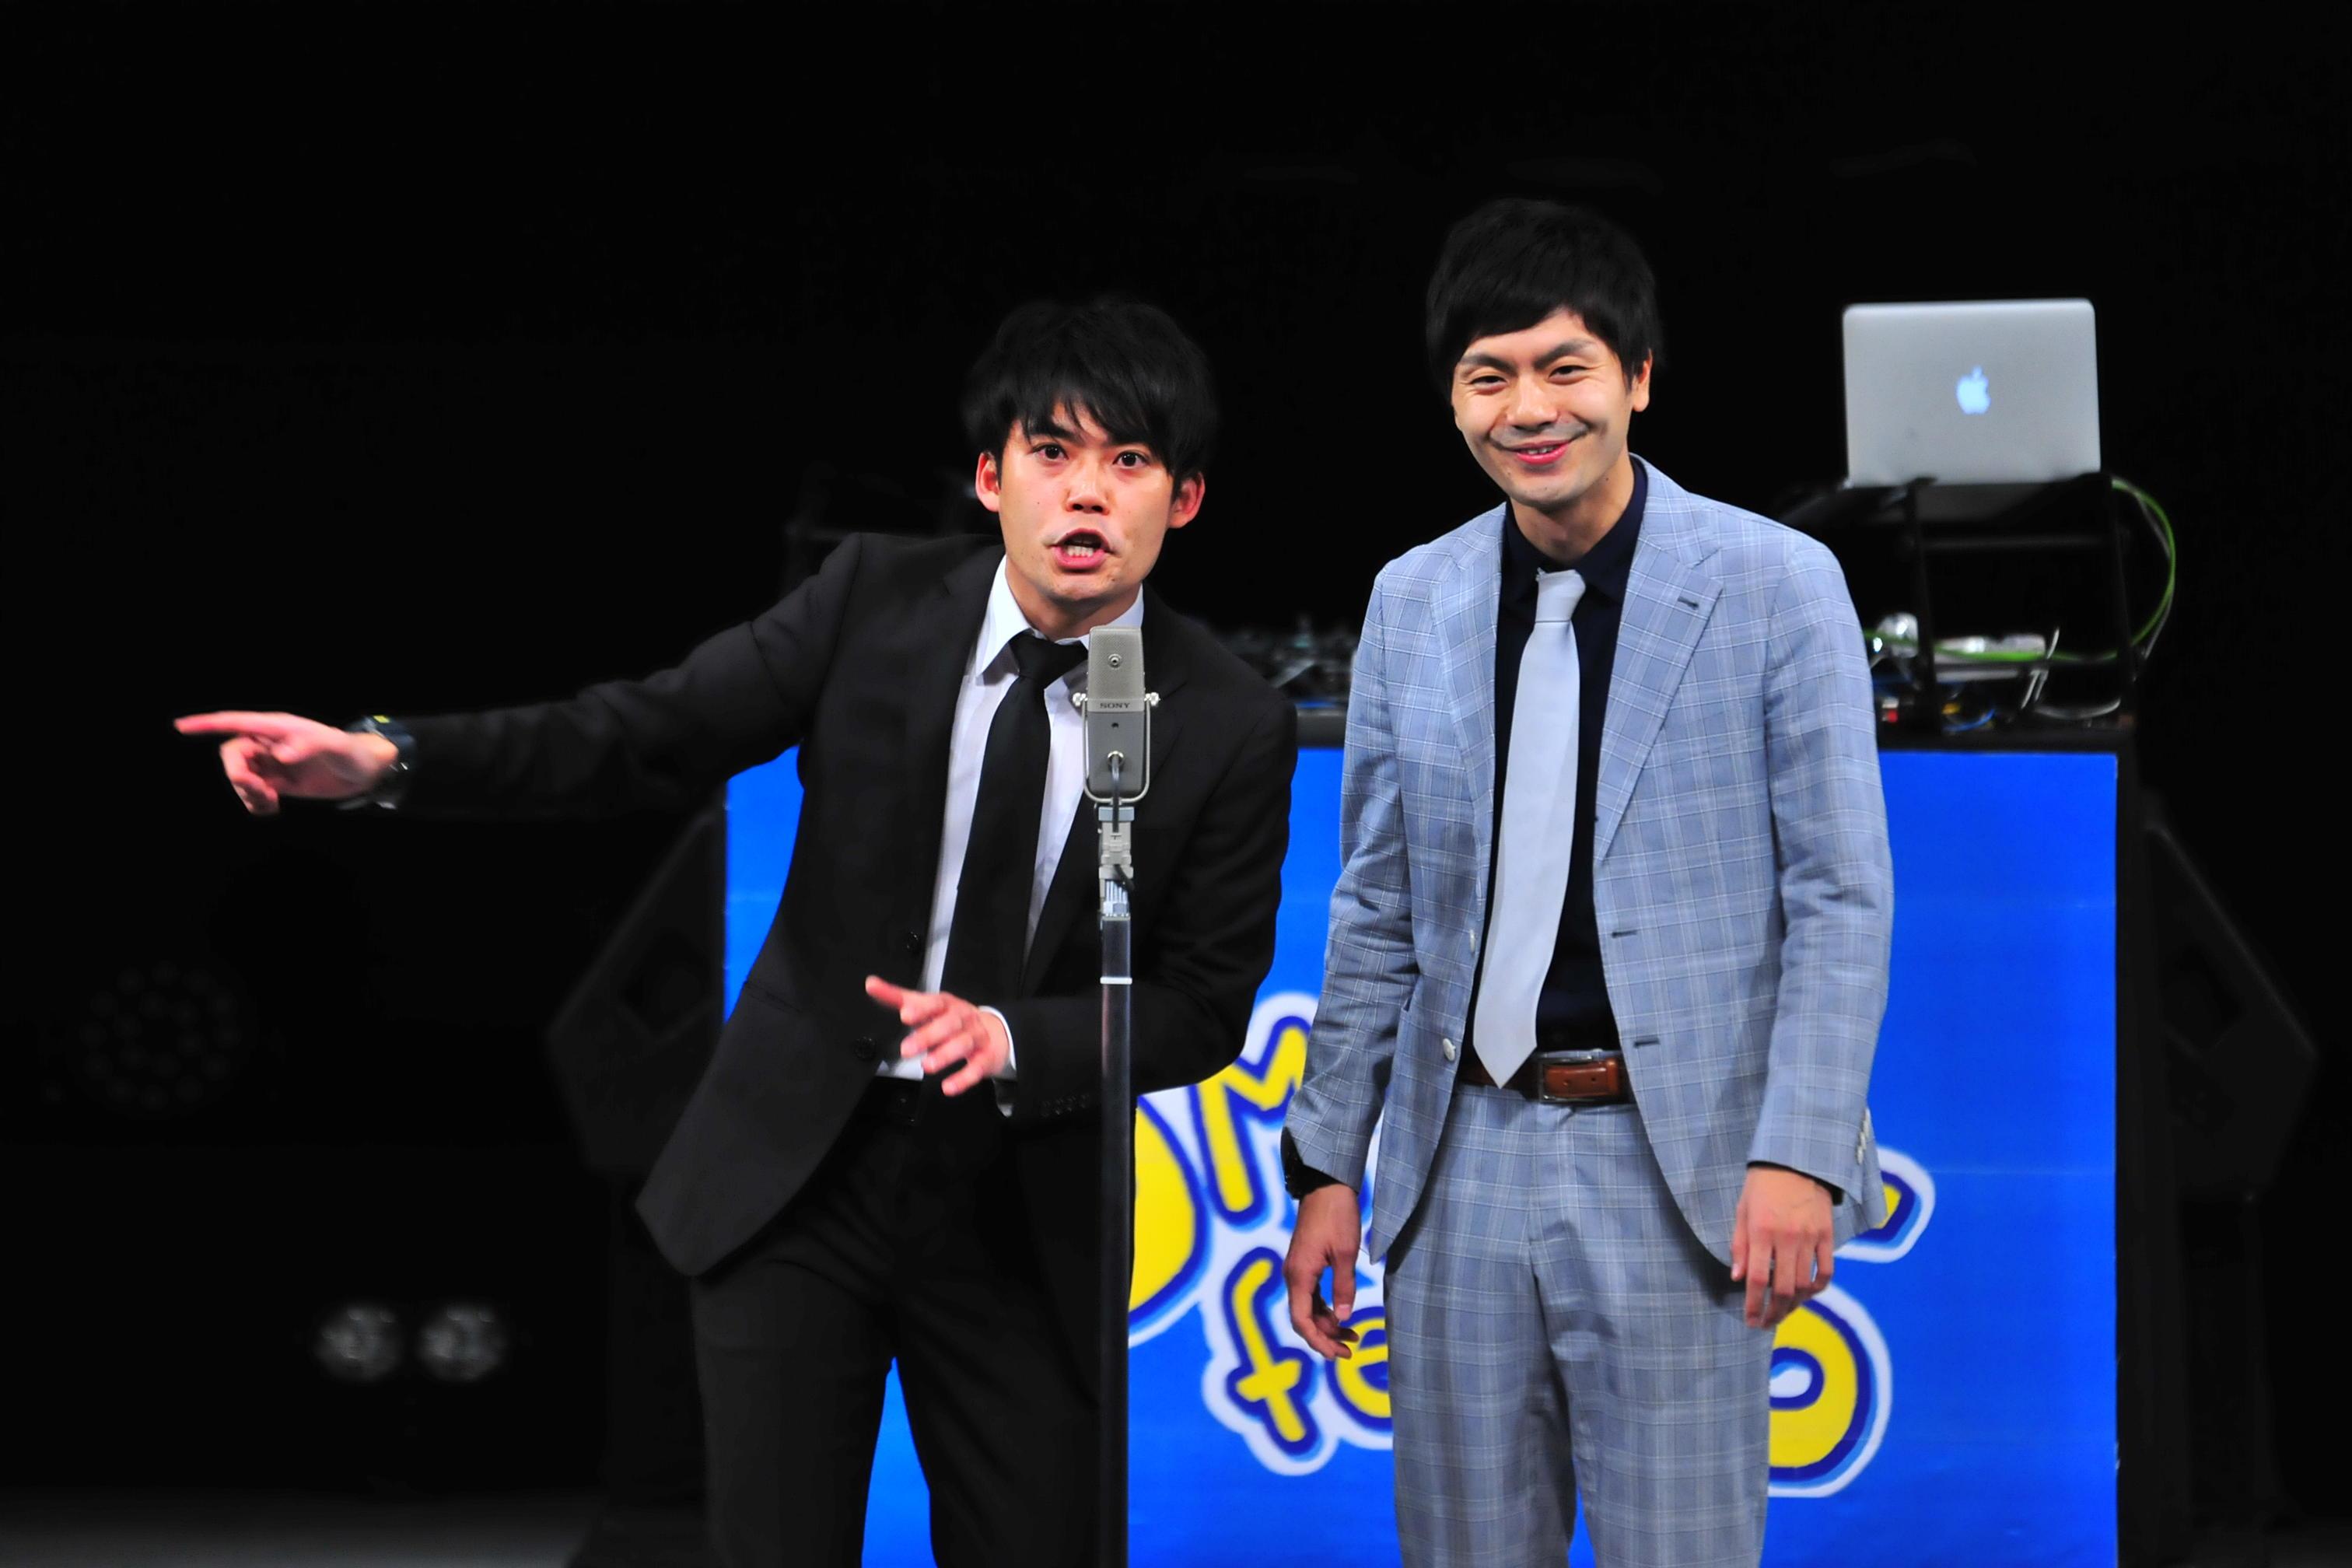 http://news.yoshimoto.co.jp/20151231135405-3c46d0154c16c54d908cee1b2c6996c7232b7908.jpg